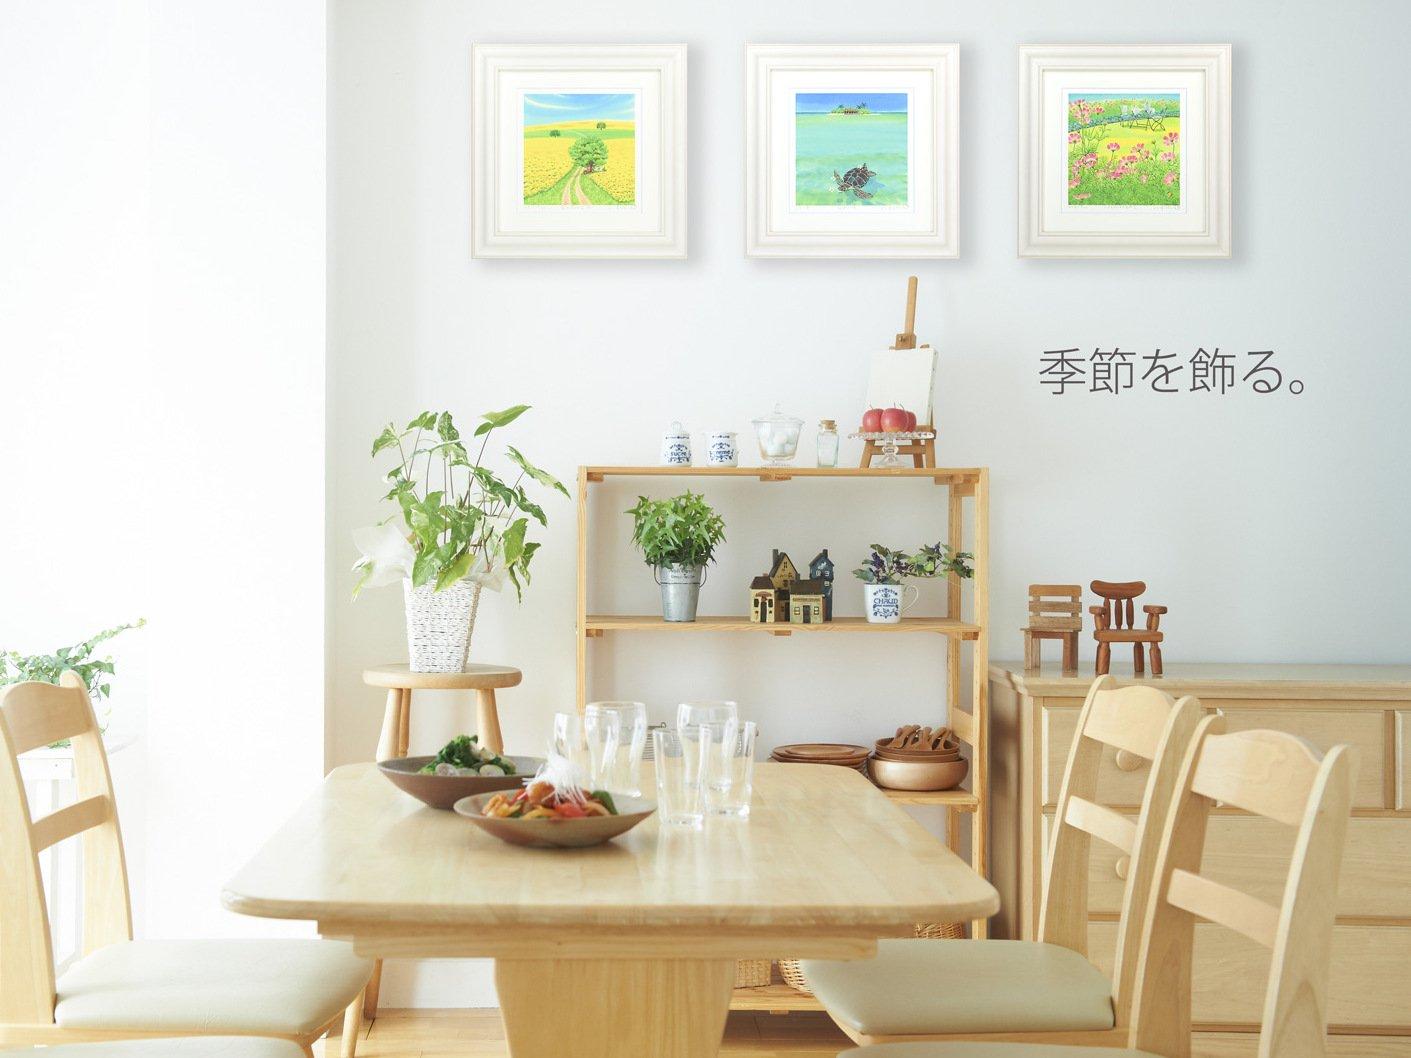 《絵画 水彩画》灯台〔栗乃木ハルミ くりのきはるみ 〕